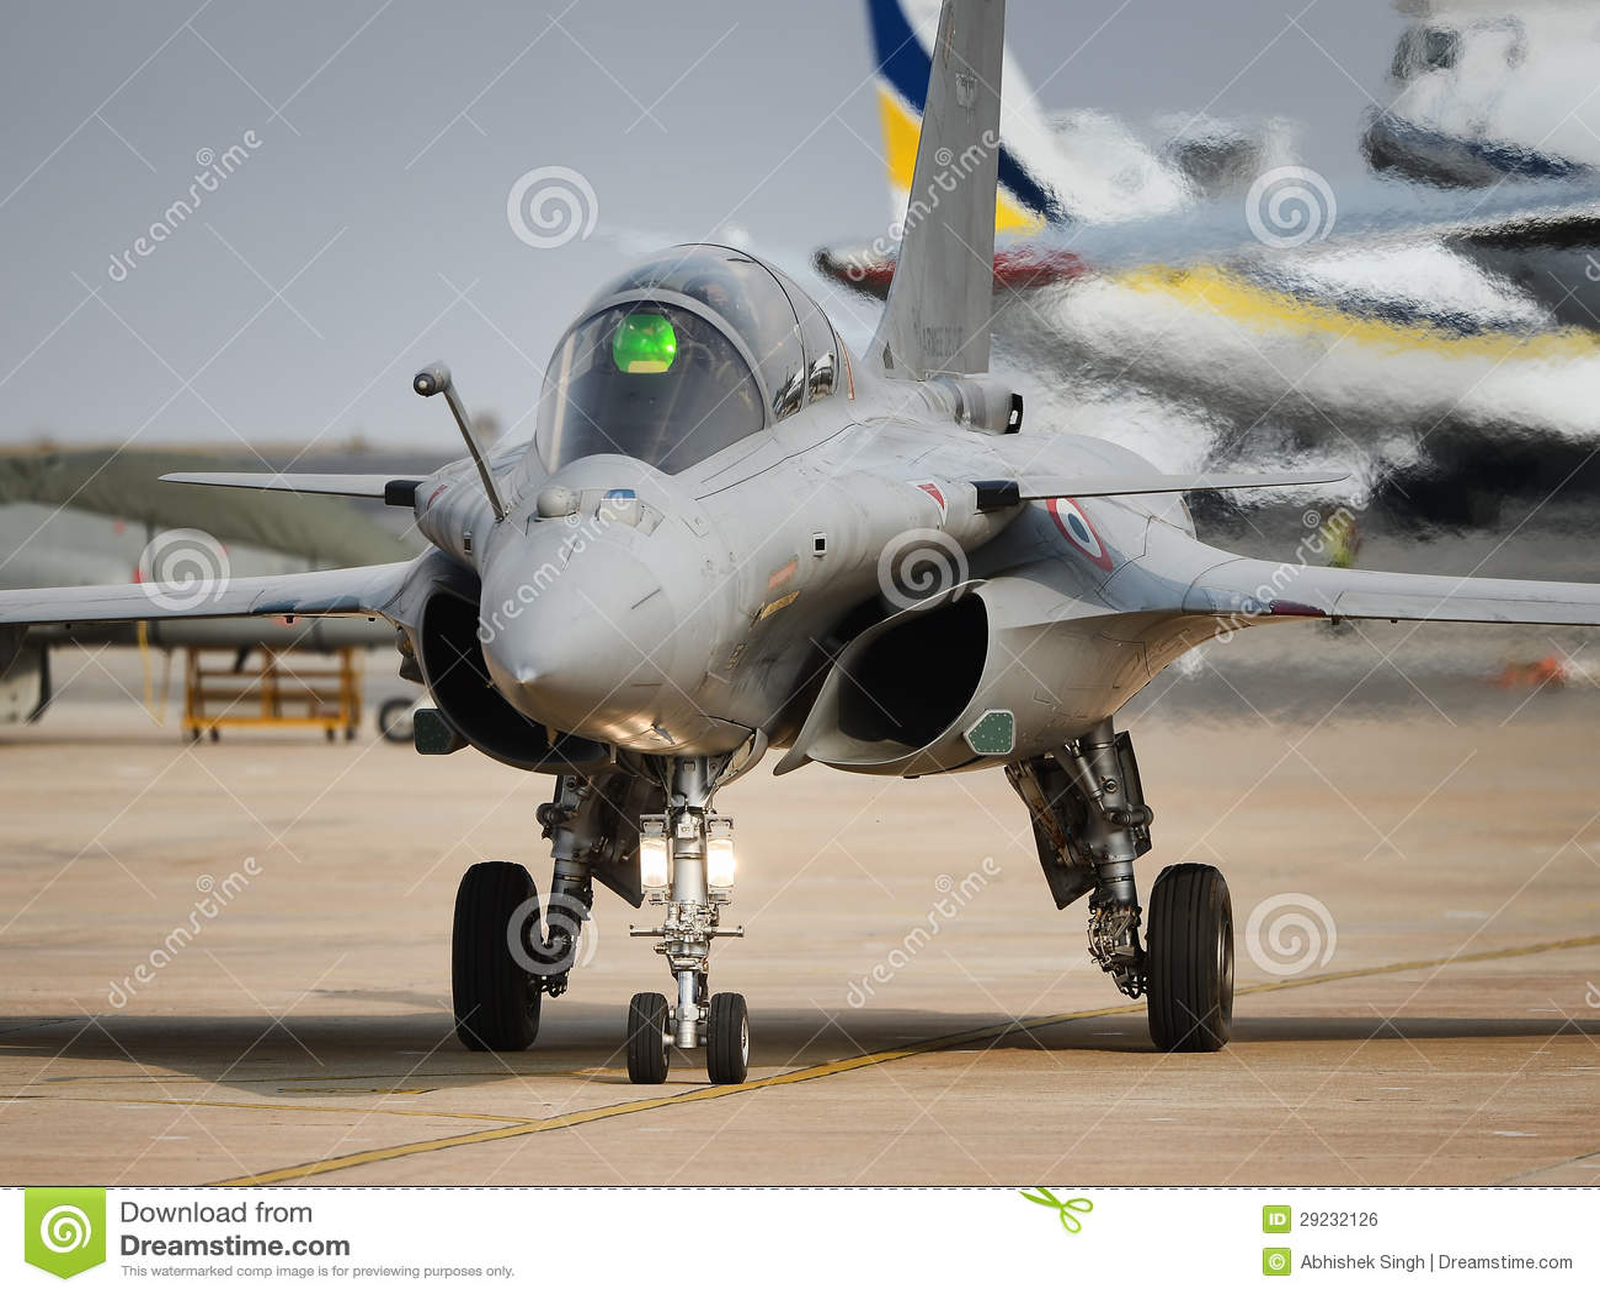 Download Dassault Rafale foto editorial. Imagem de força, avião - 29232126